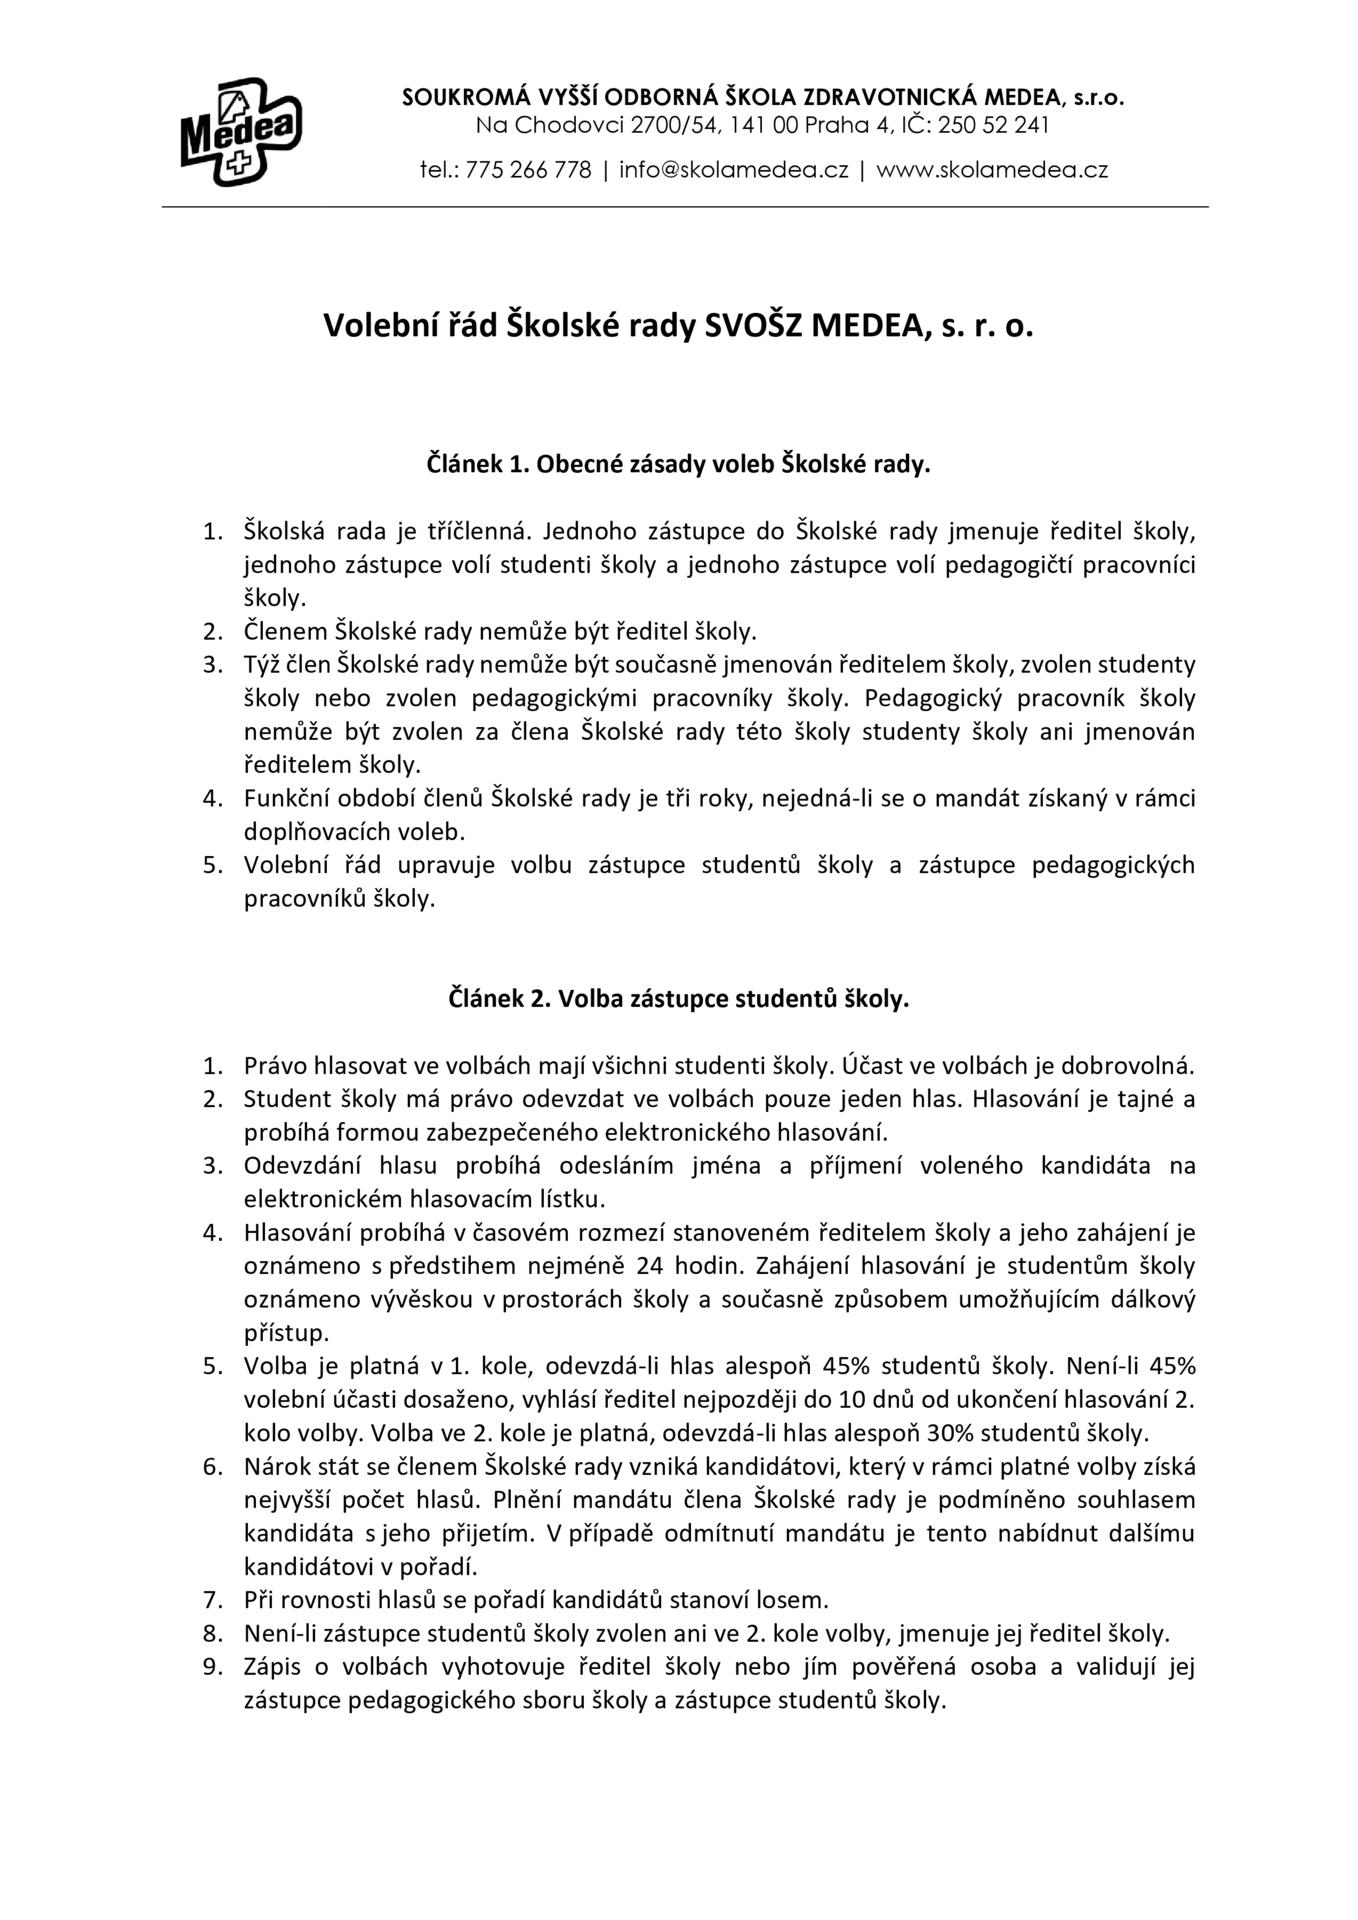 thumbnail of Volební řád ŠR v2018-03-09